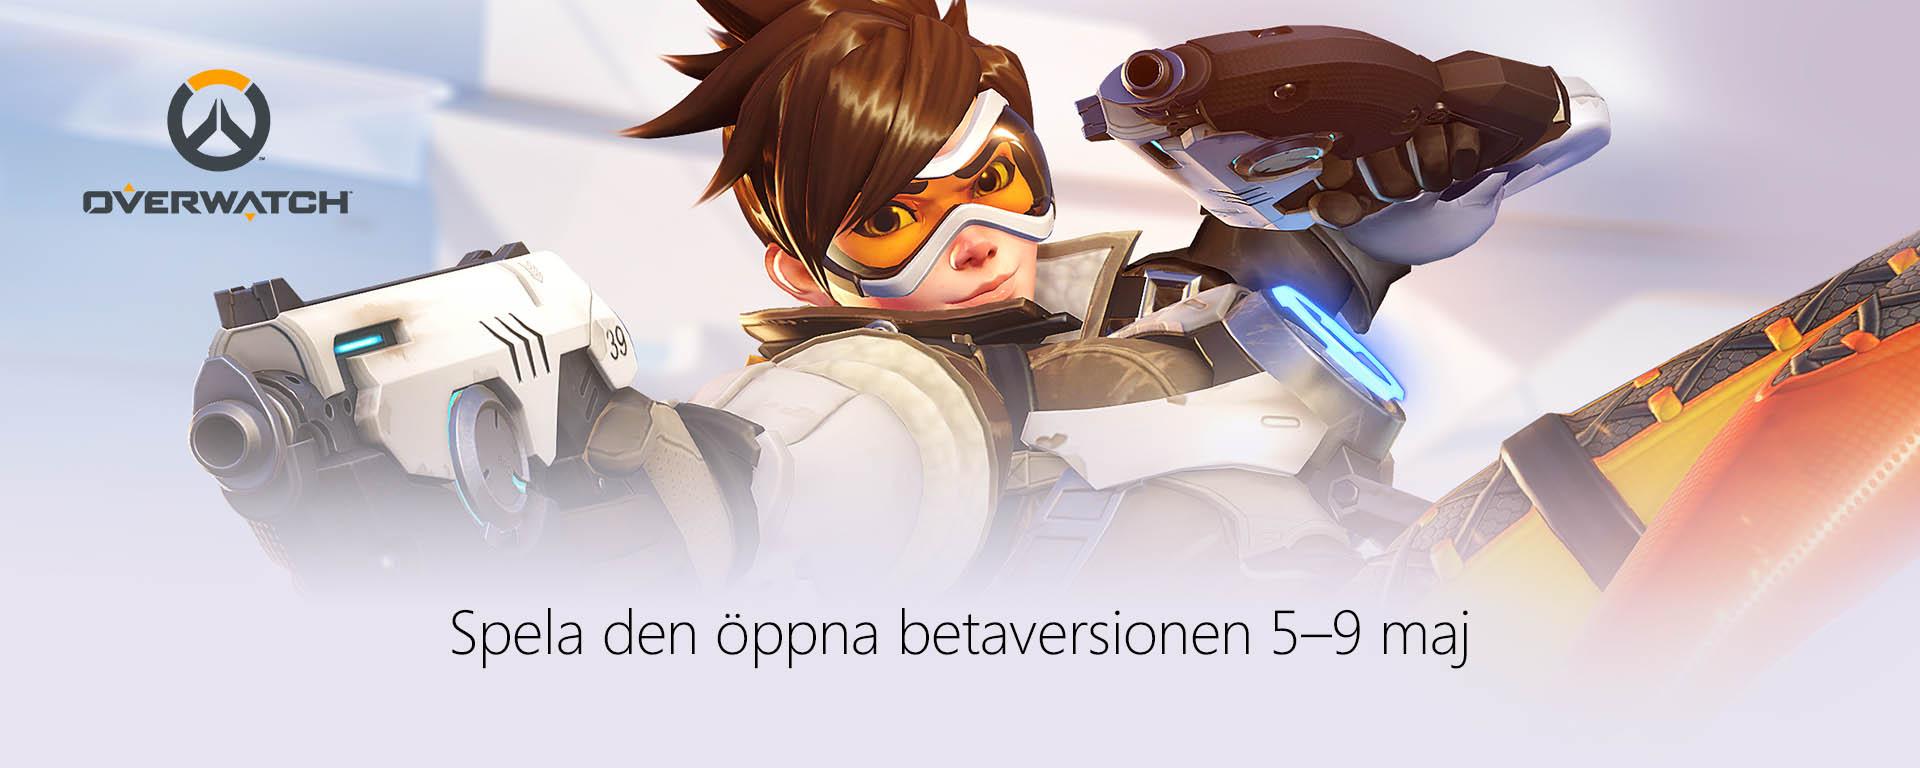 Overwatch | Open beta | Xbox One